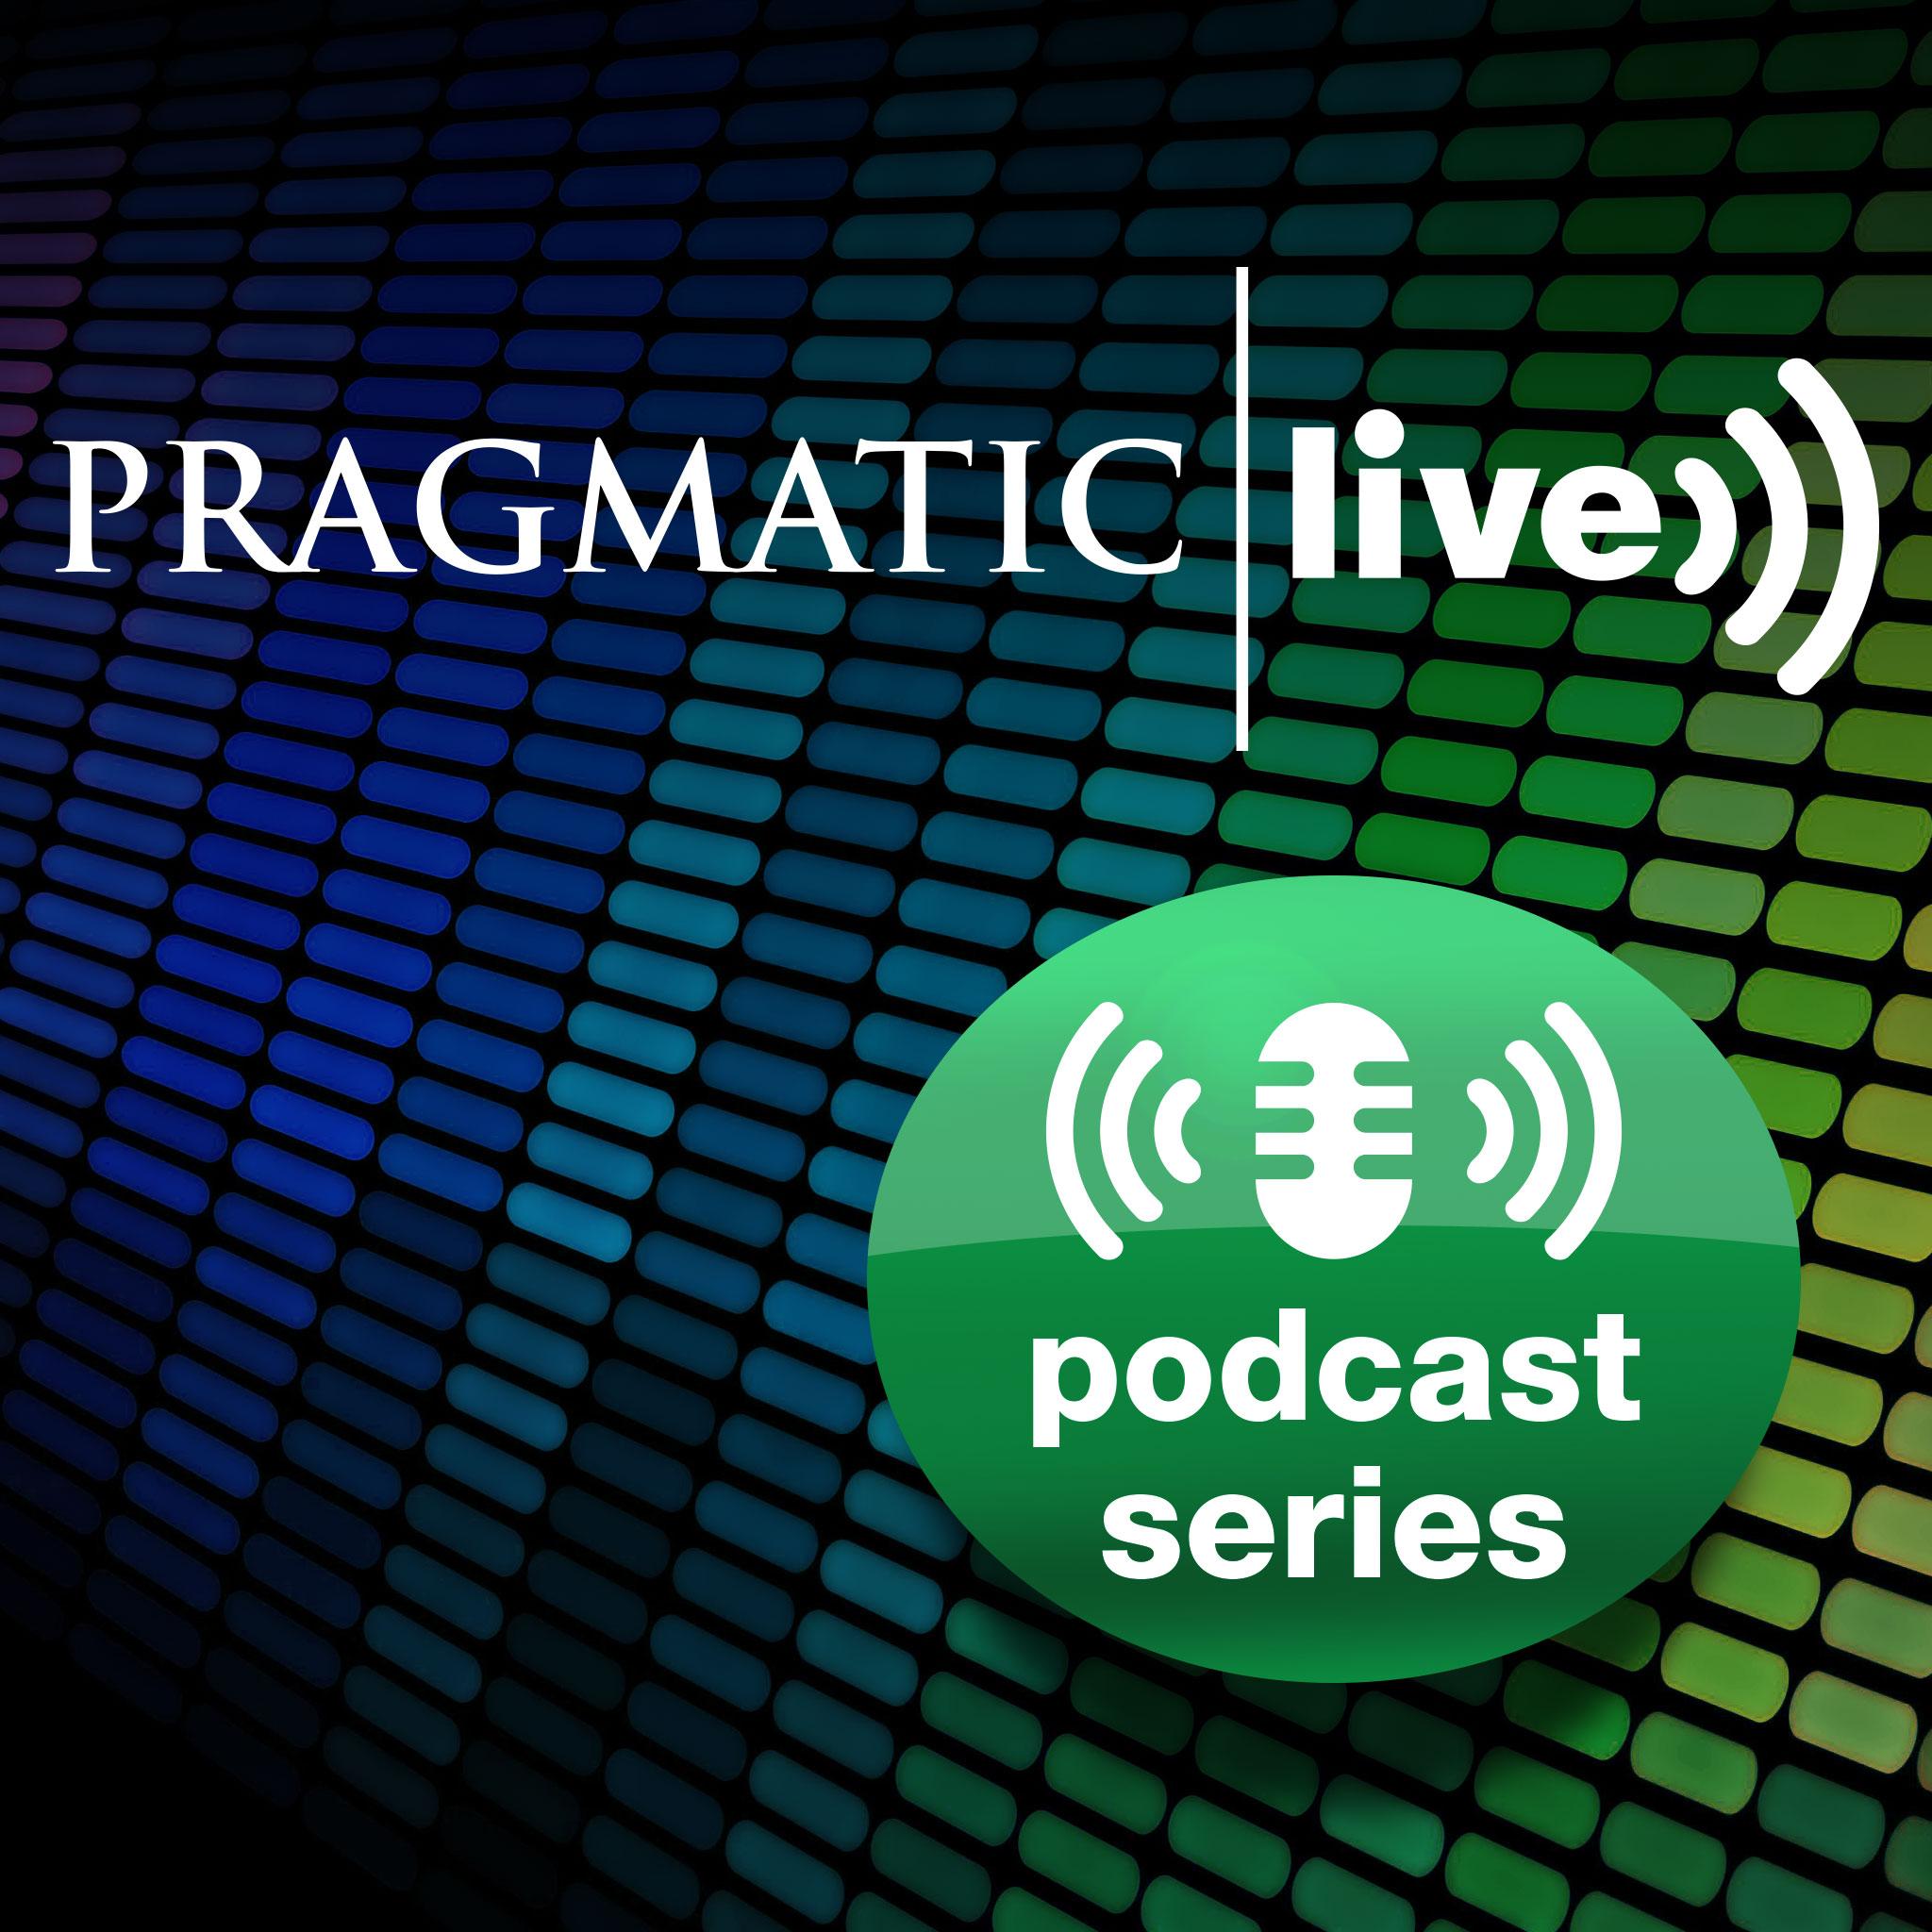 Pragmatic Live